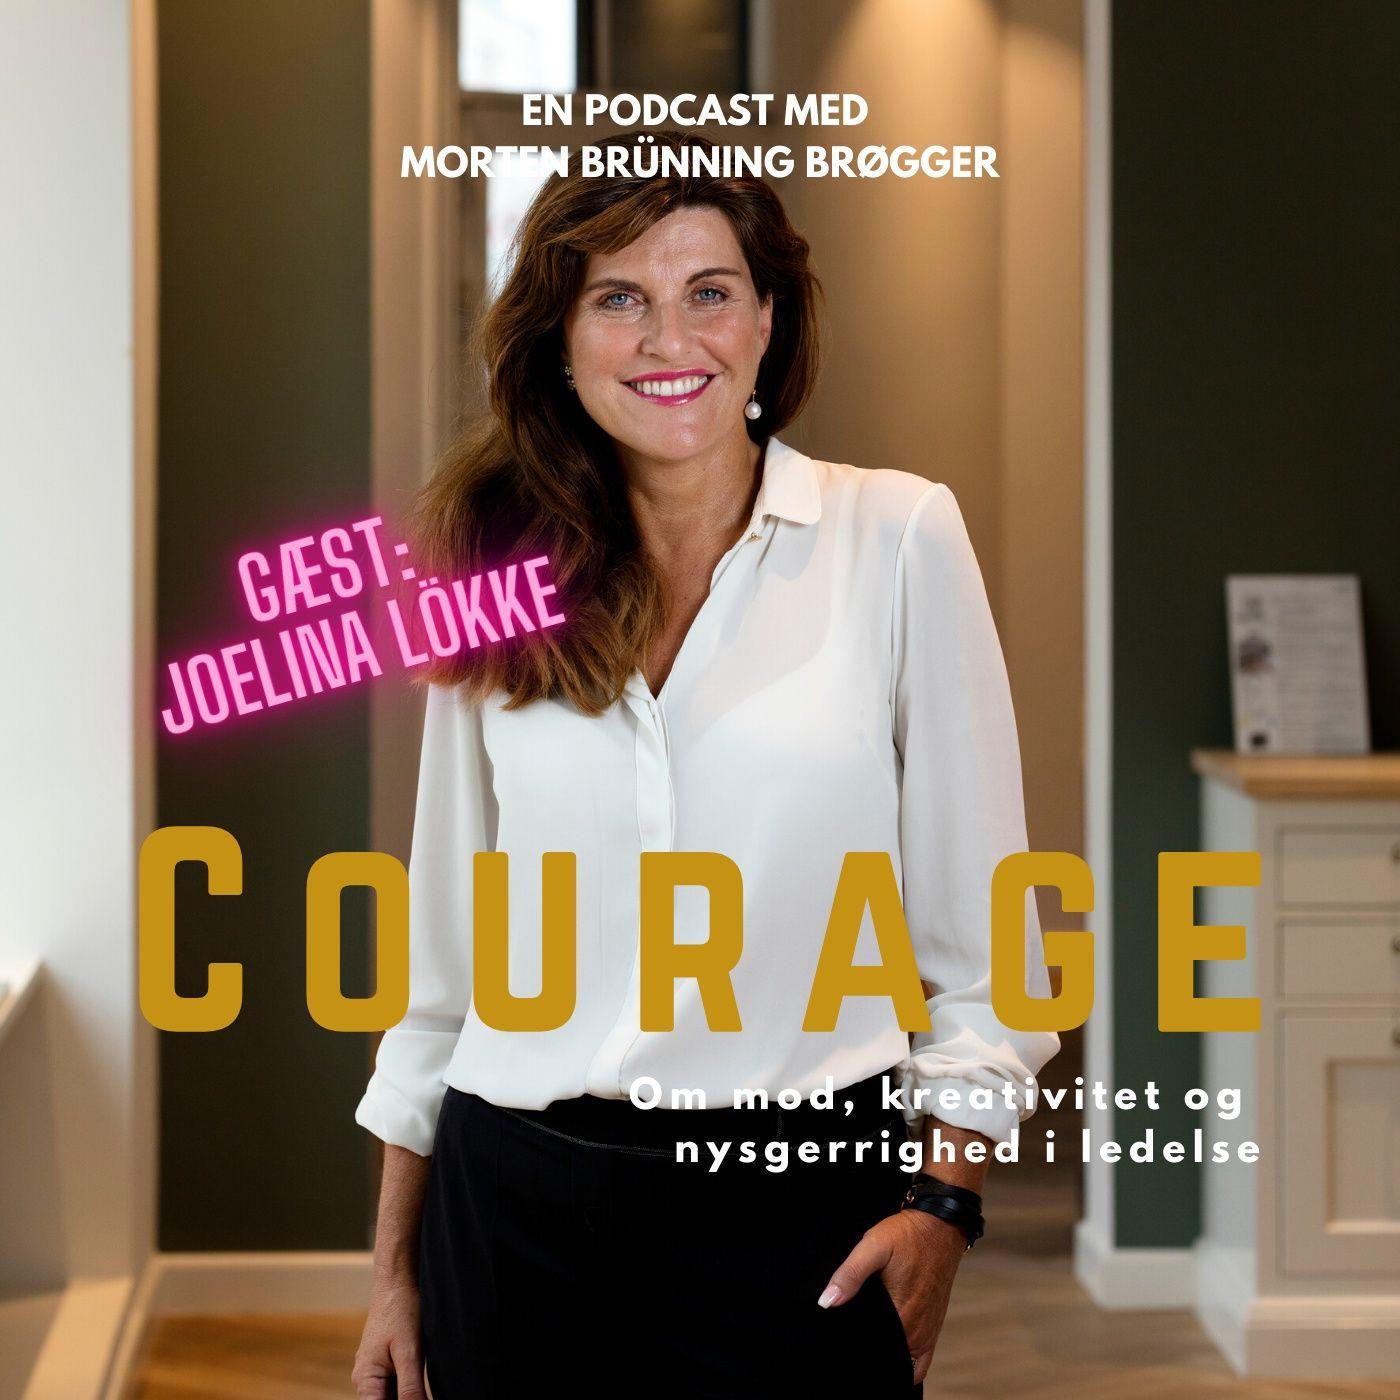 Courage 12 - Joelina Lökke